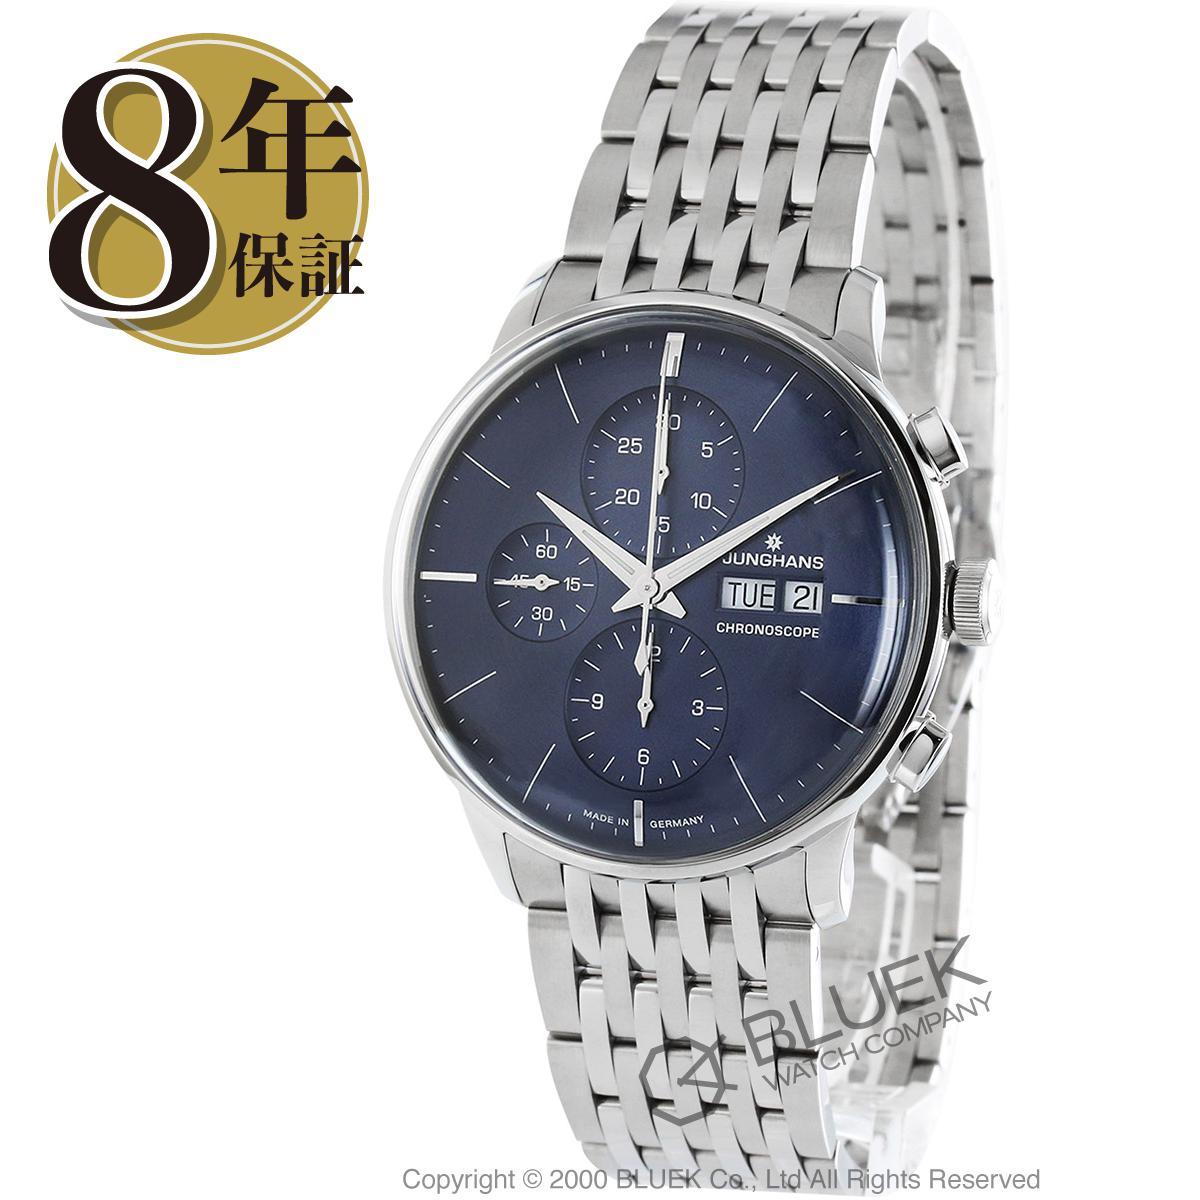 ユンハンス JUNGHANS 腕時計 マイスター クロノスコープ メンズ 027/4528.45_8